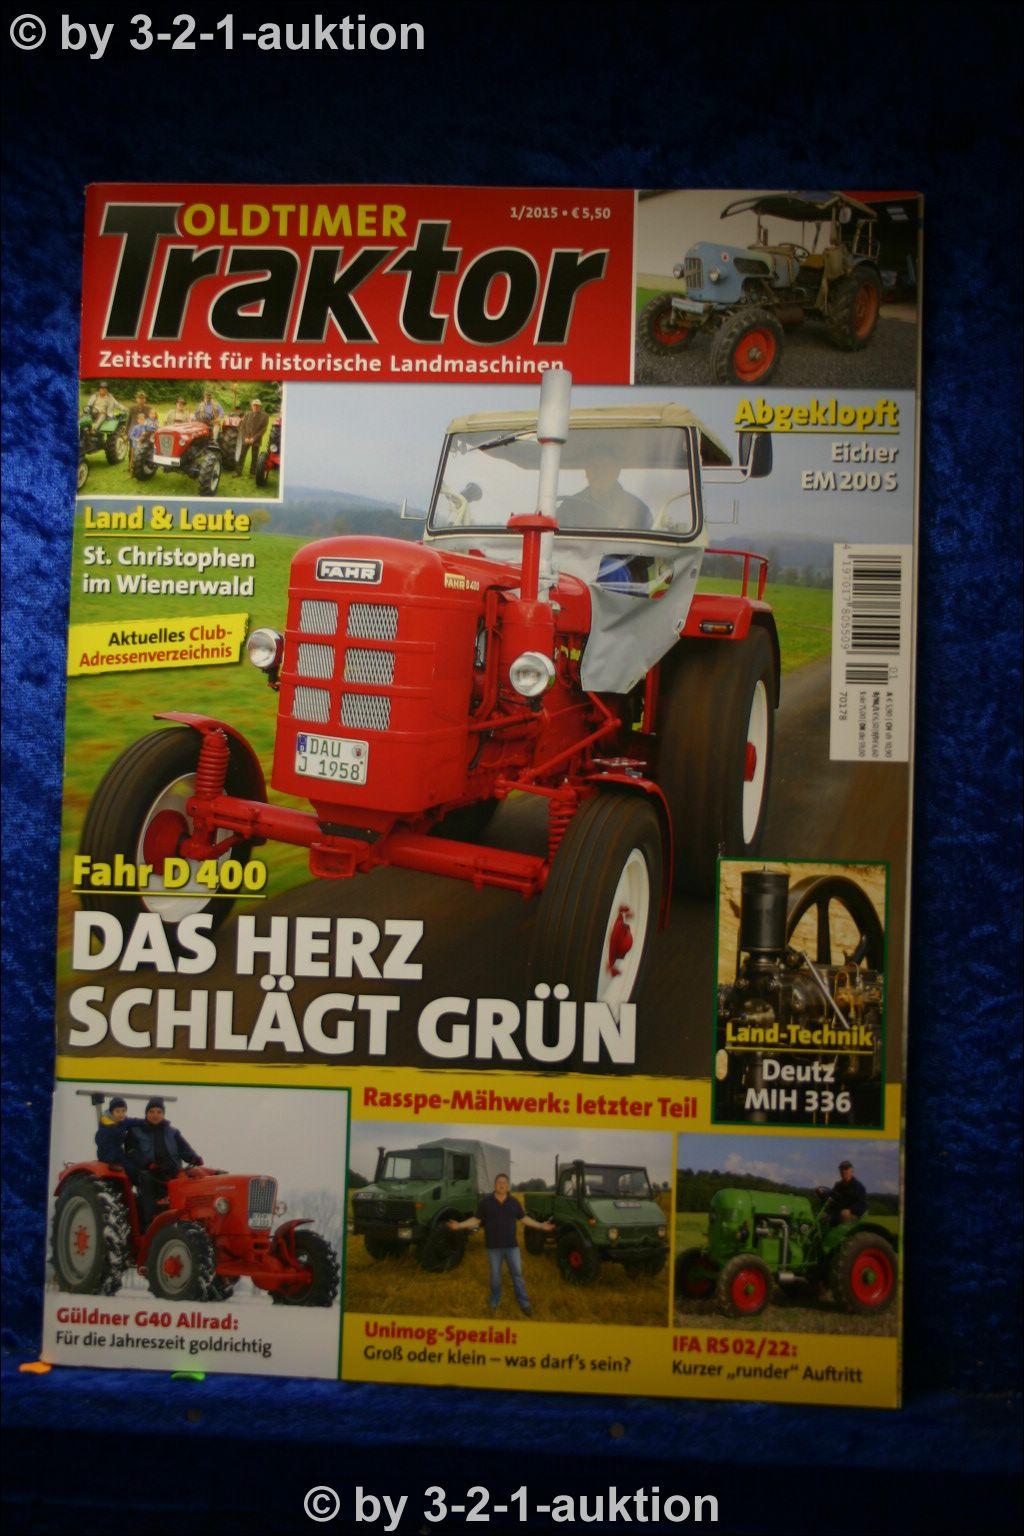 oldtimer traktor 1 15 fahr d400 g ldner g40 a eicher tiger. Black Bedroom Furniture Sets. Home Design Ideas